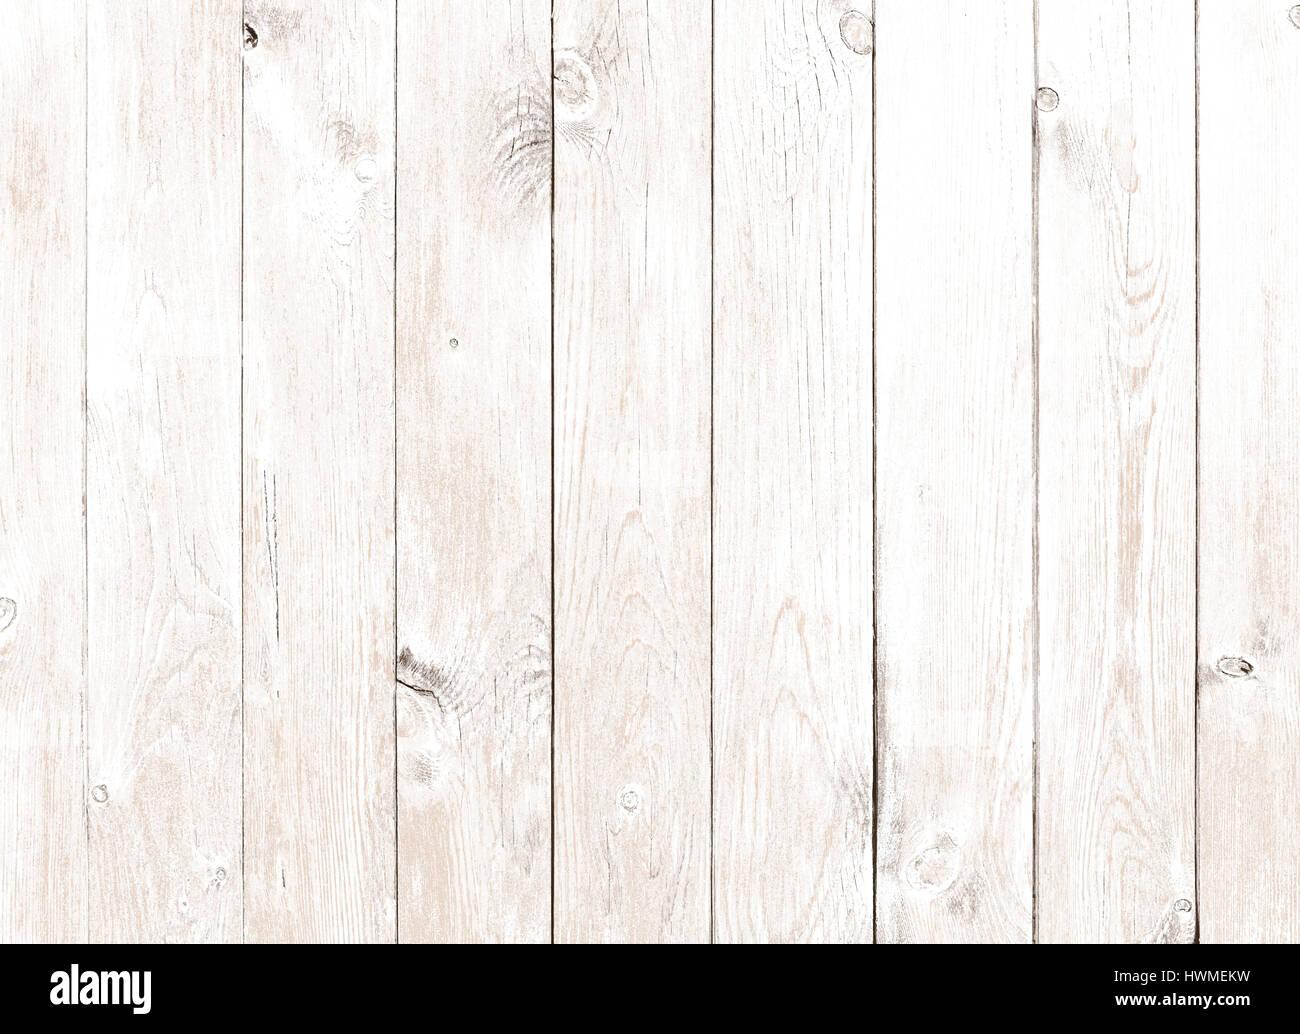 alte vintage wei es holz dielen hintergrund stockfoto bild 136289549 alamy. Black Bedroom Furniture Sets. Home Design Ideas